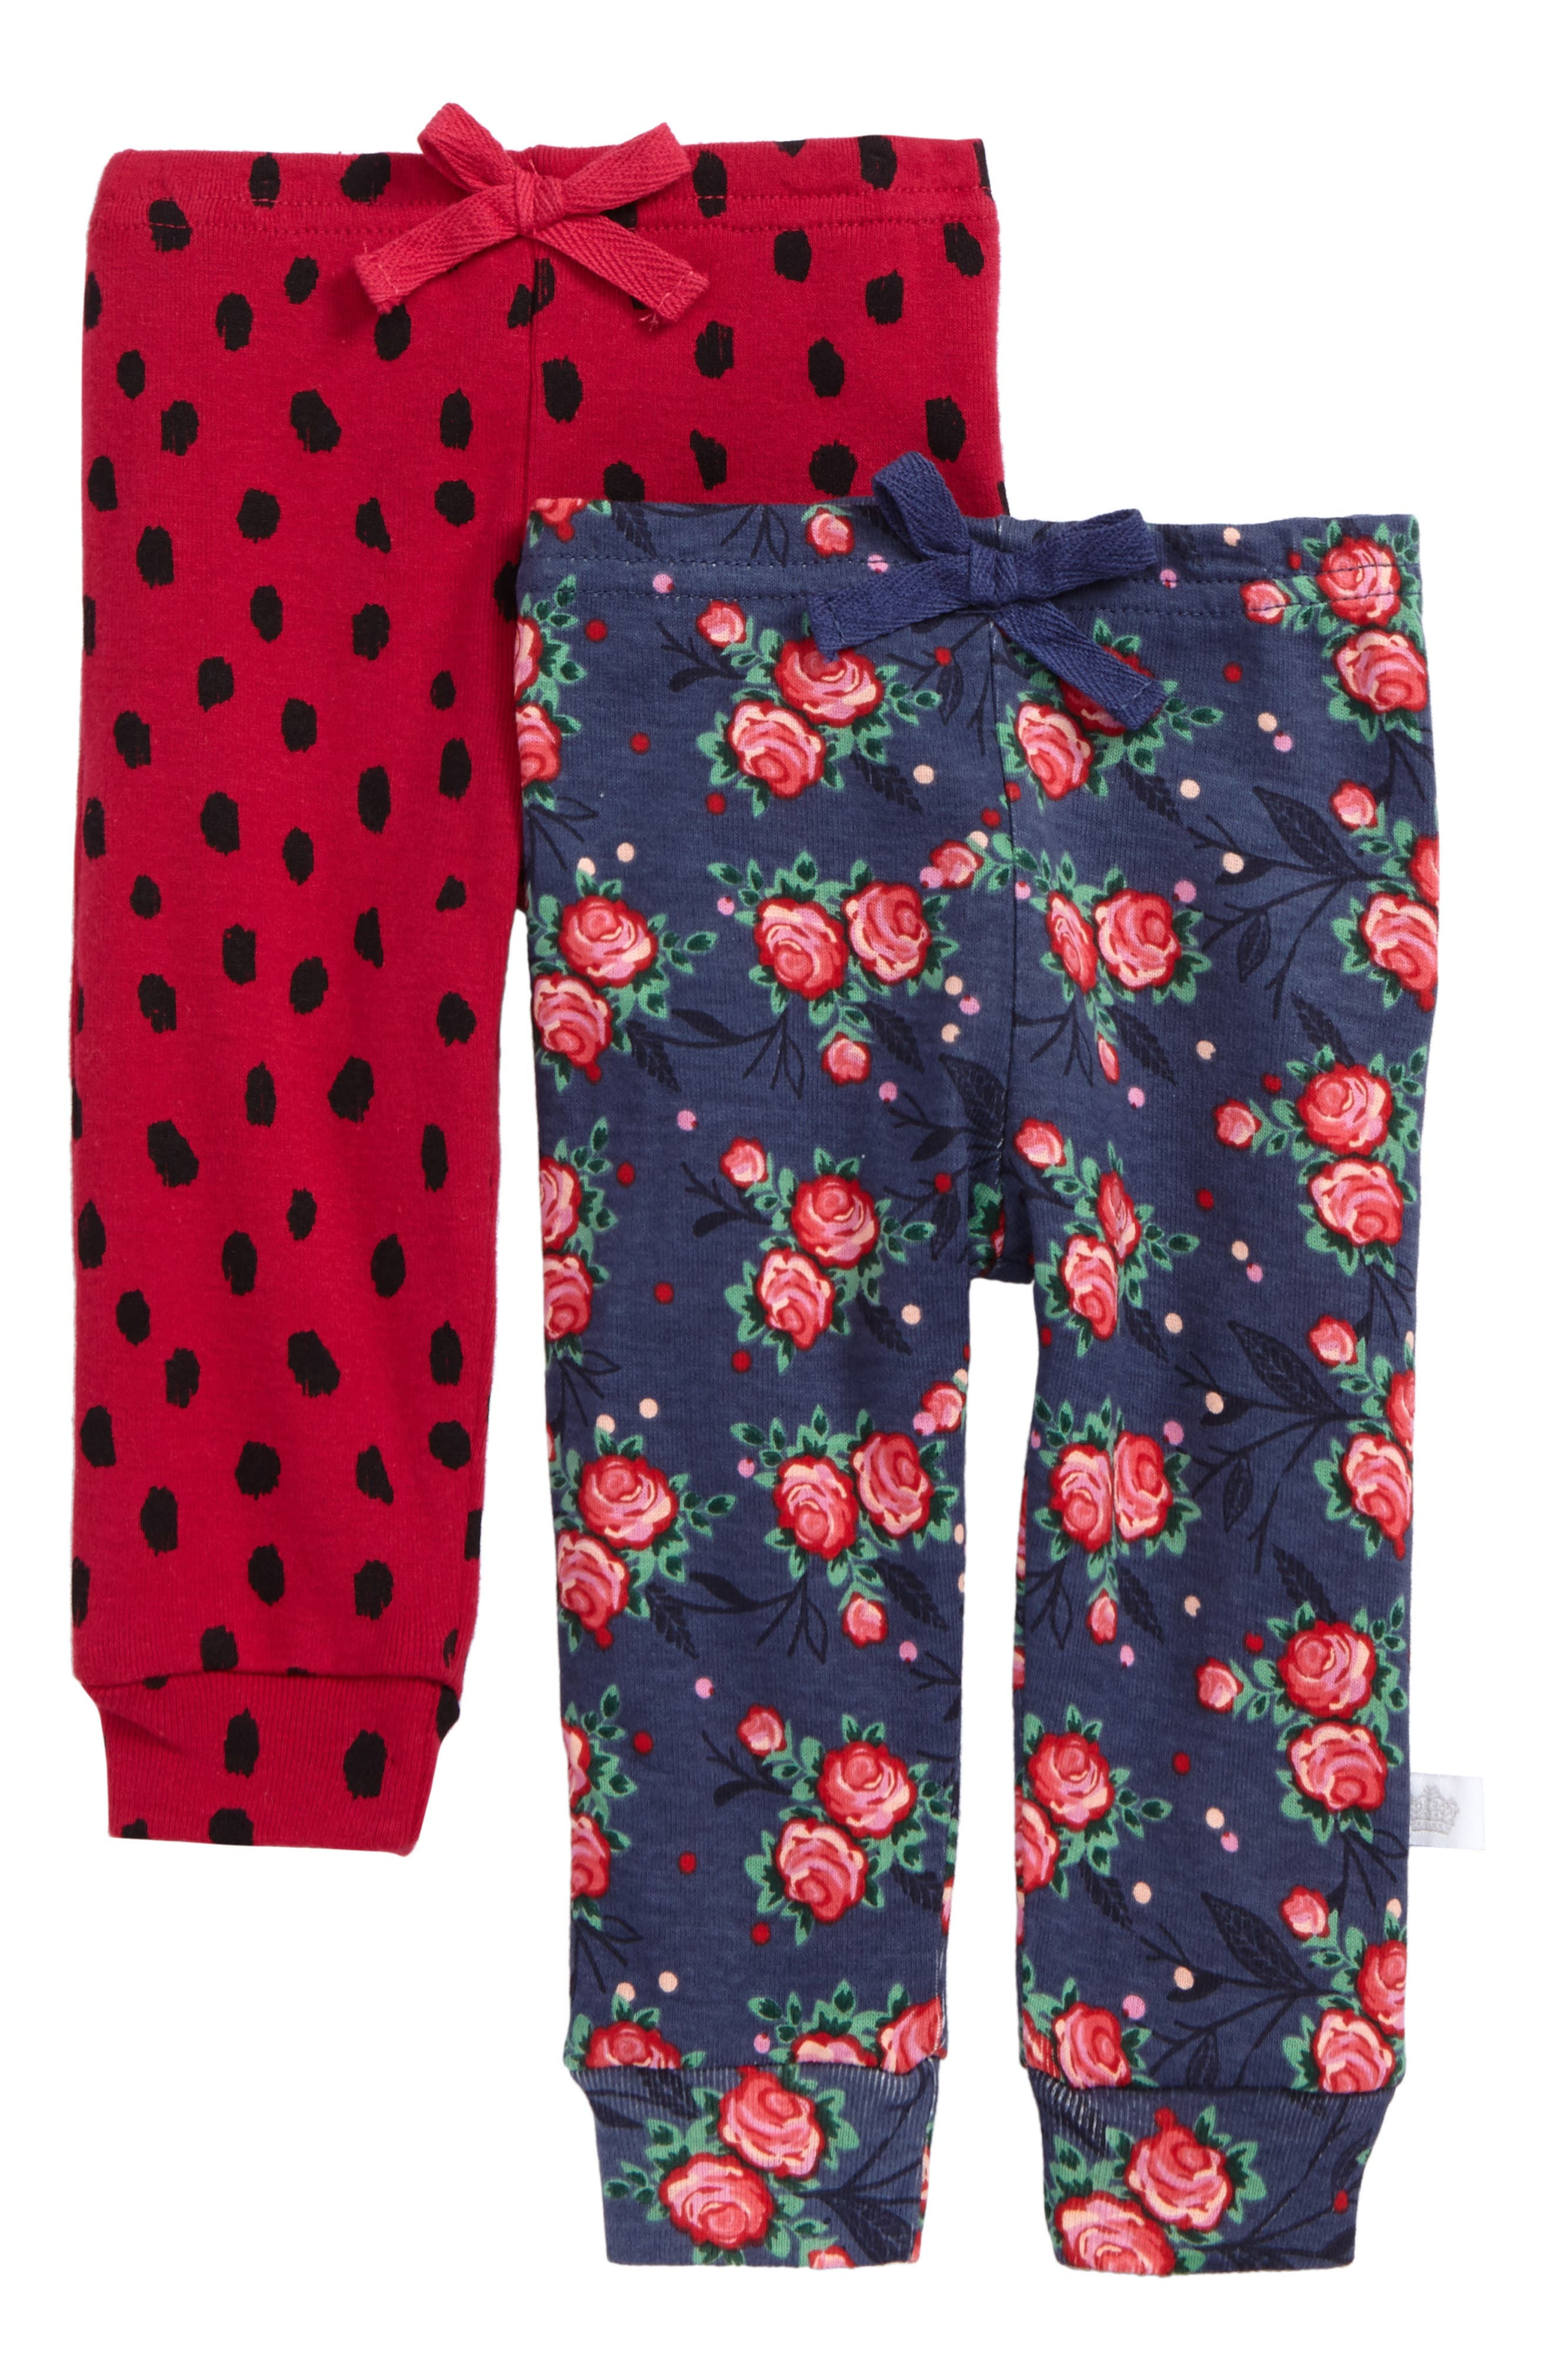 Rosie Pope 2-Pack Print Pants (Baby Girls)